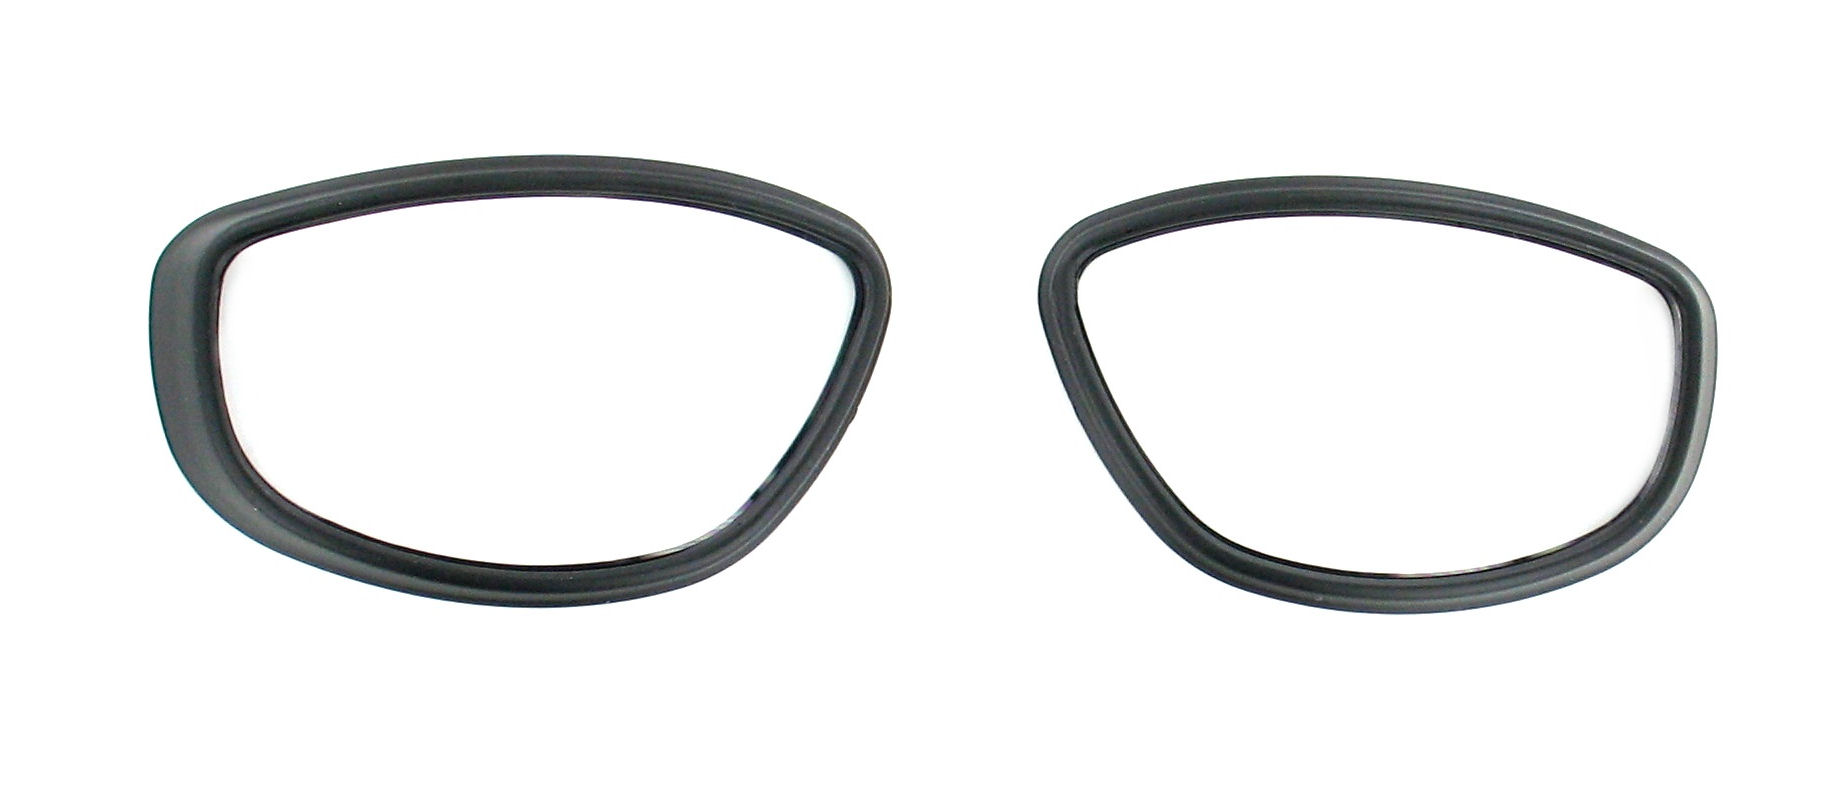 Evolution Geneva RX - Spare Lens Frames